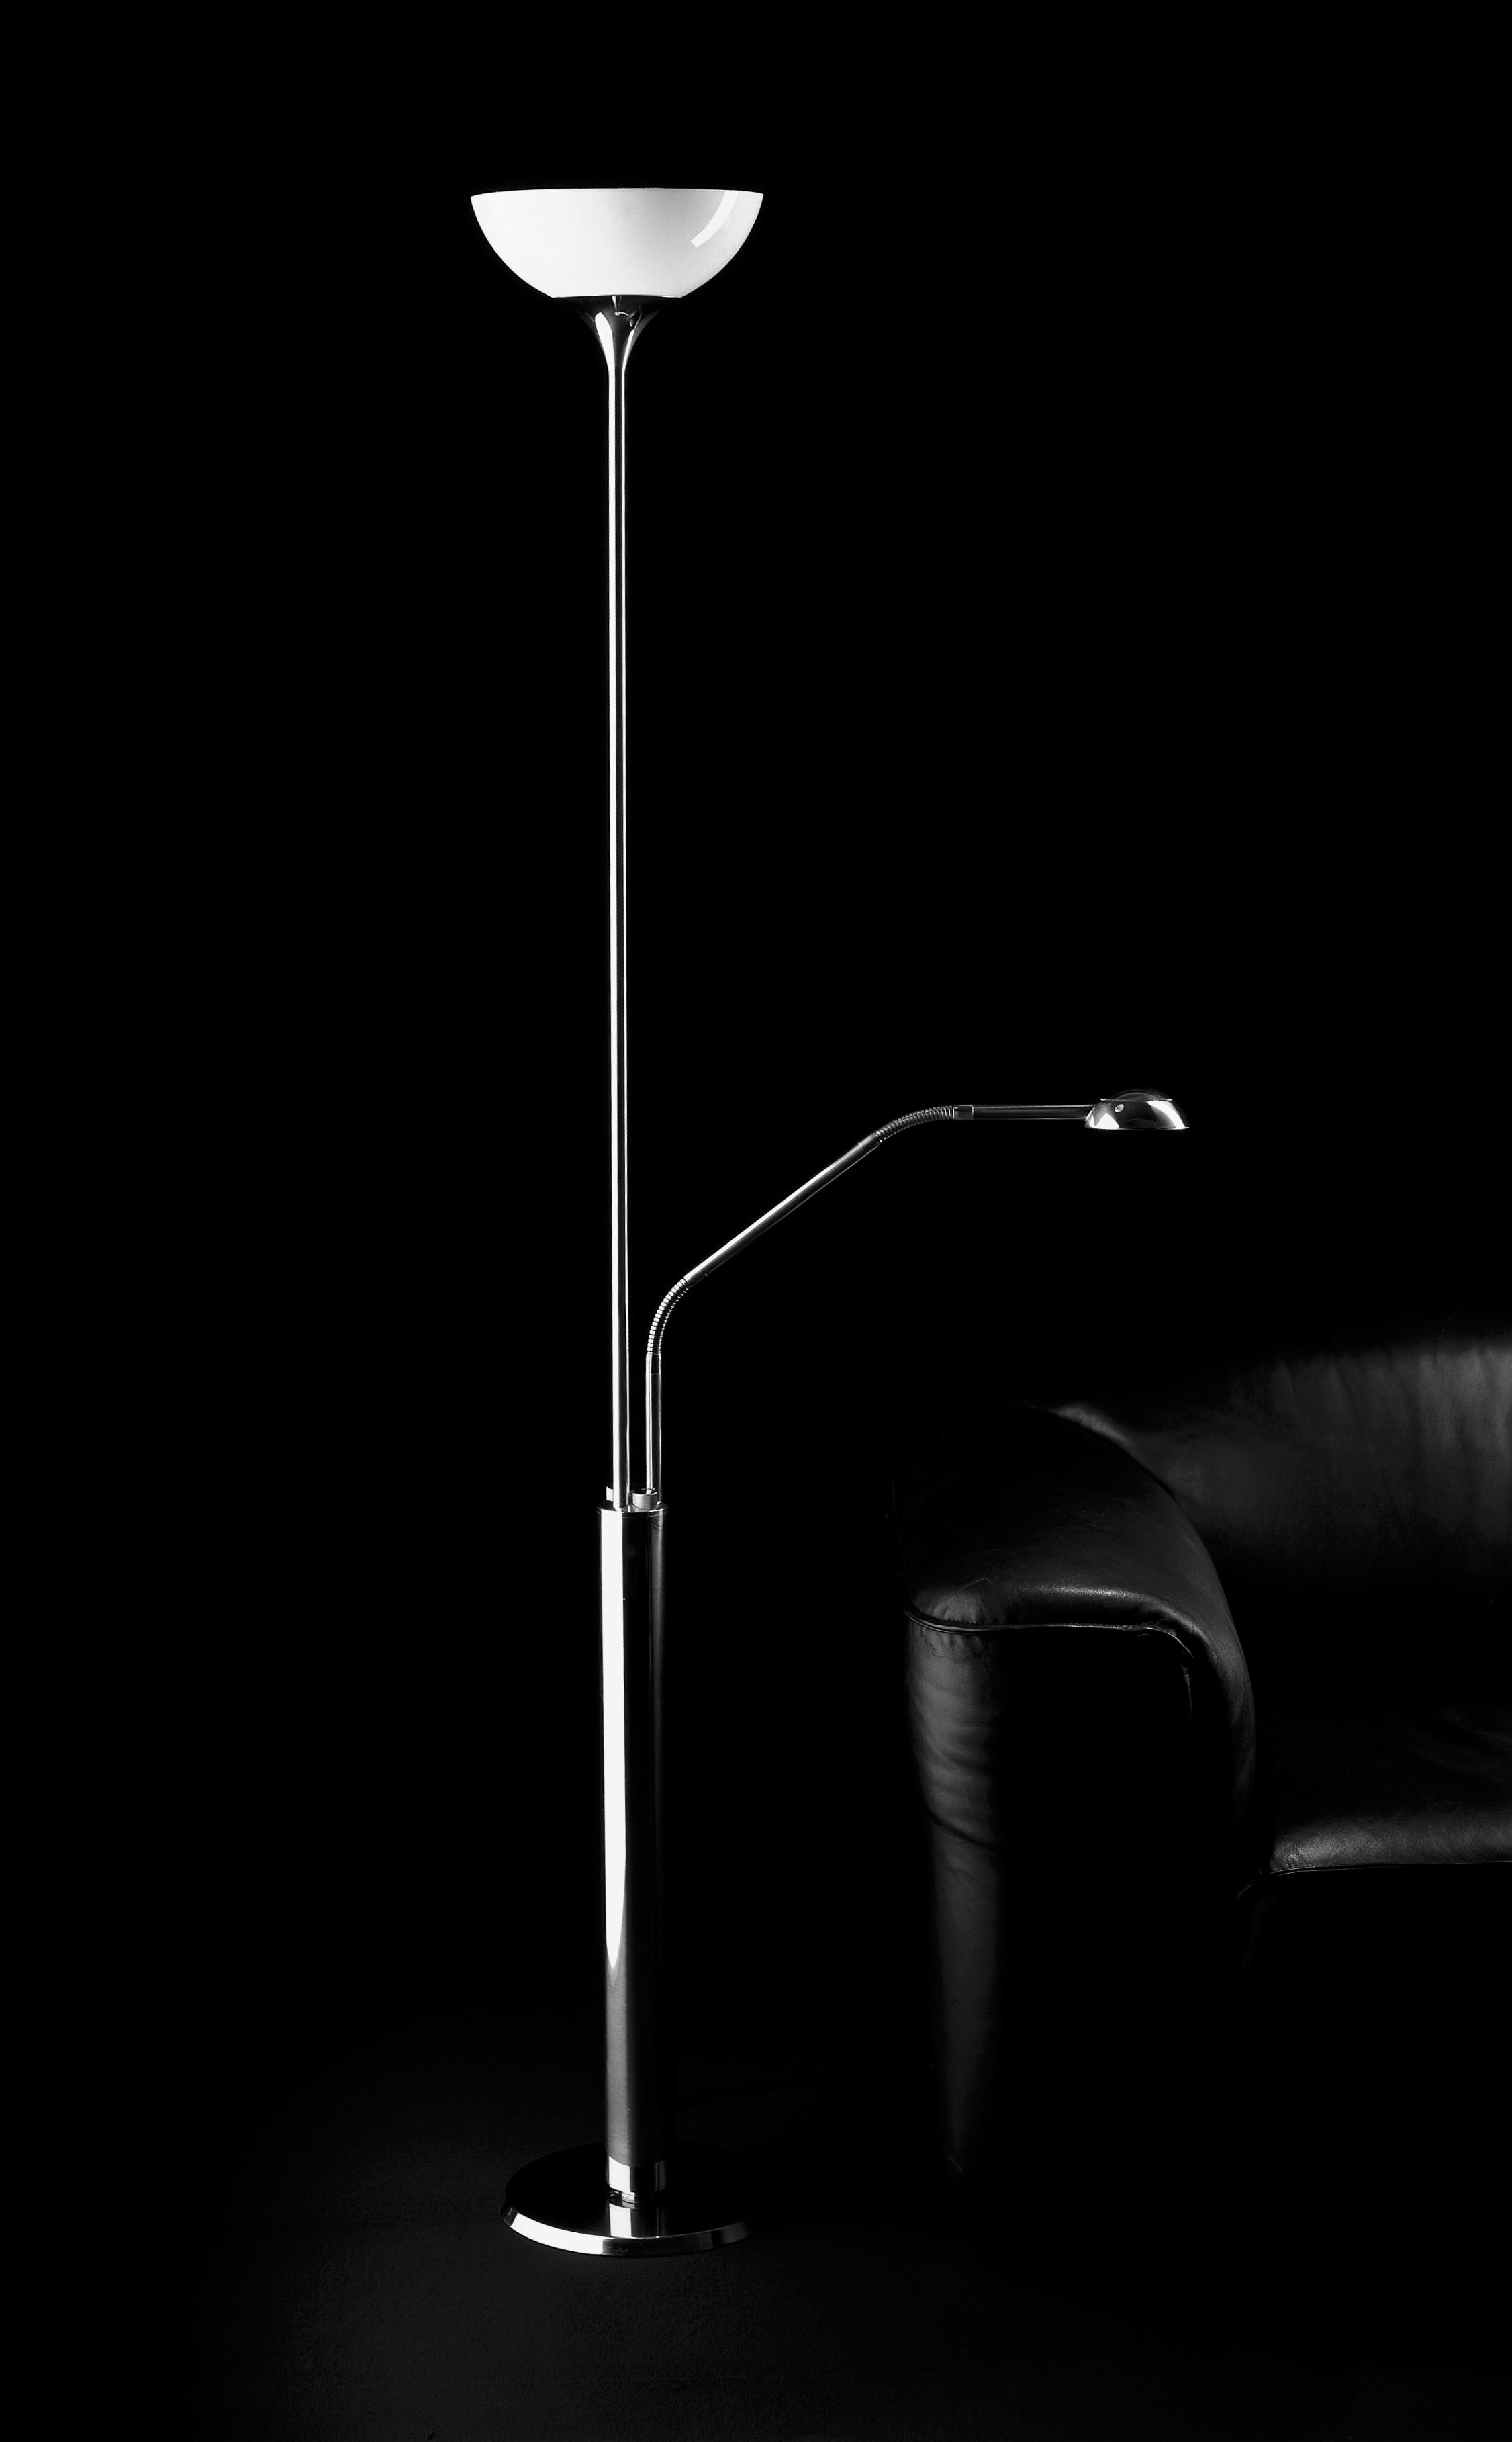 florian schulz myos stehleuchten im designleuchten shop wunschlicht online kaufen. Black Bedroom Furniture Sets. Home Design Ideas